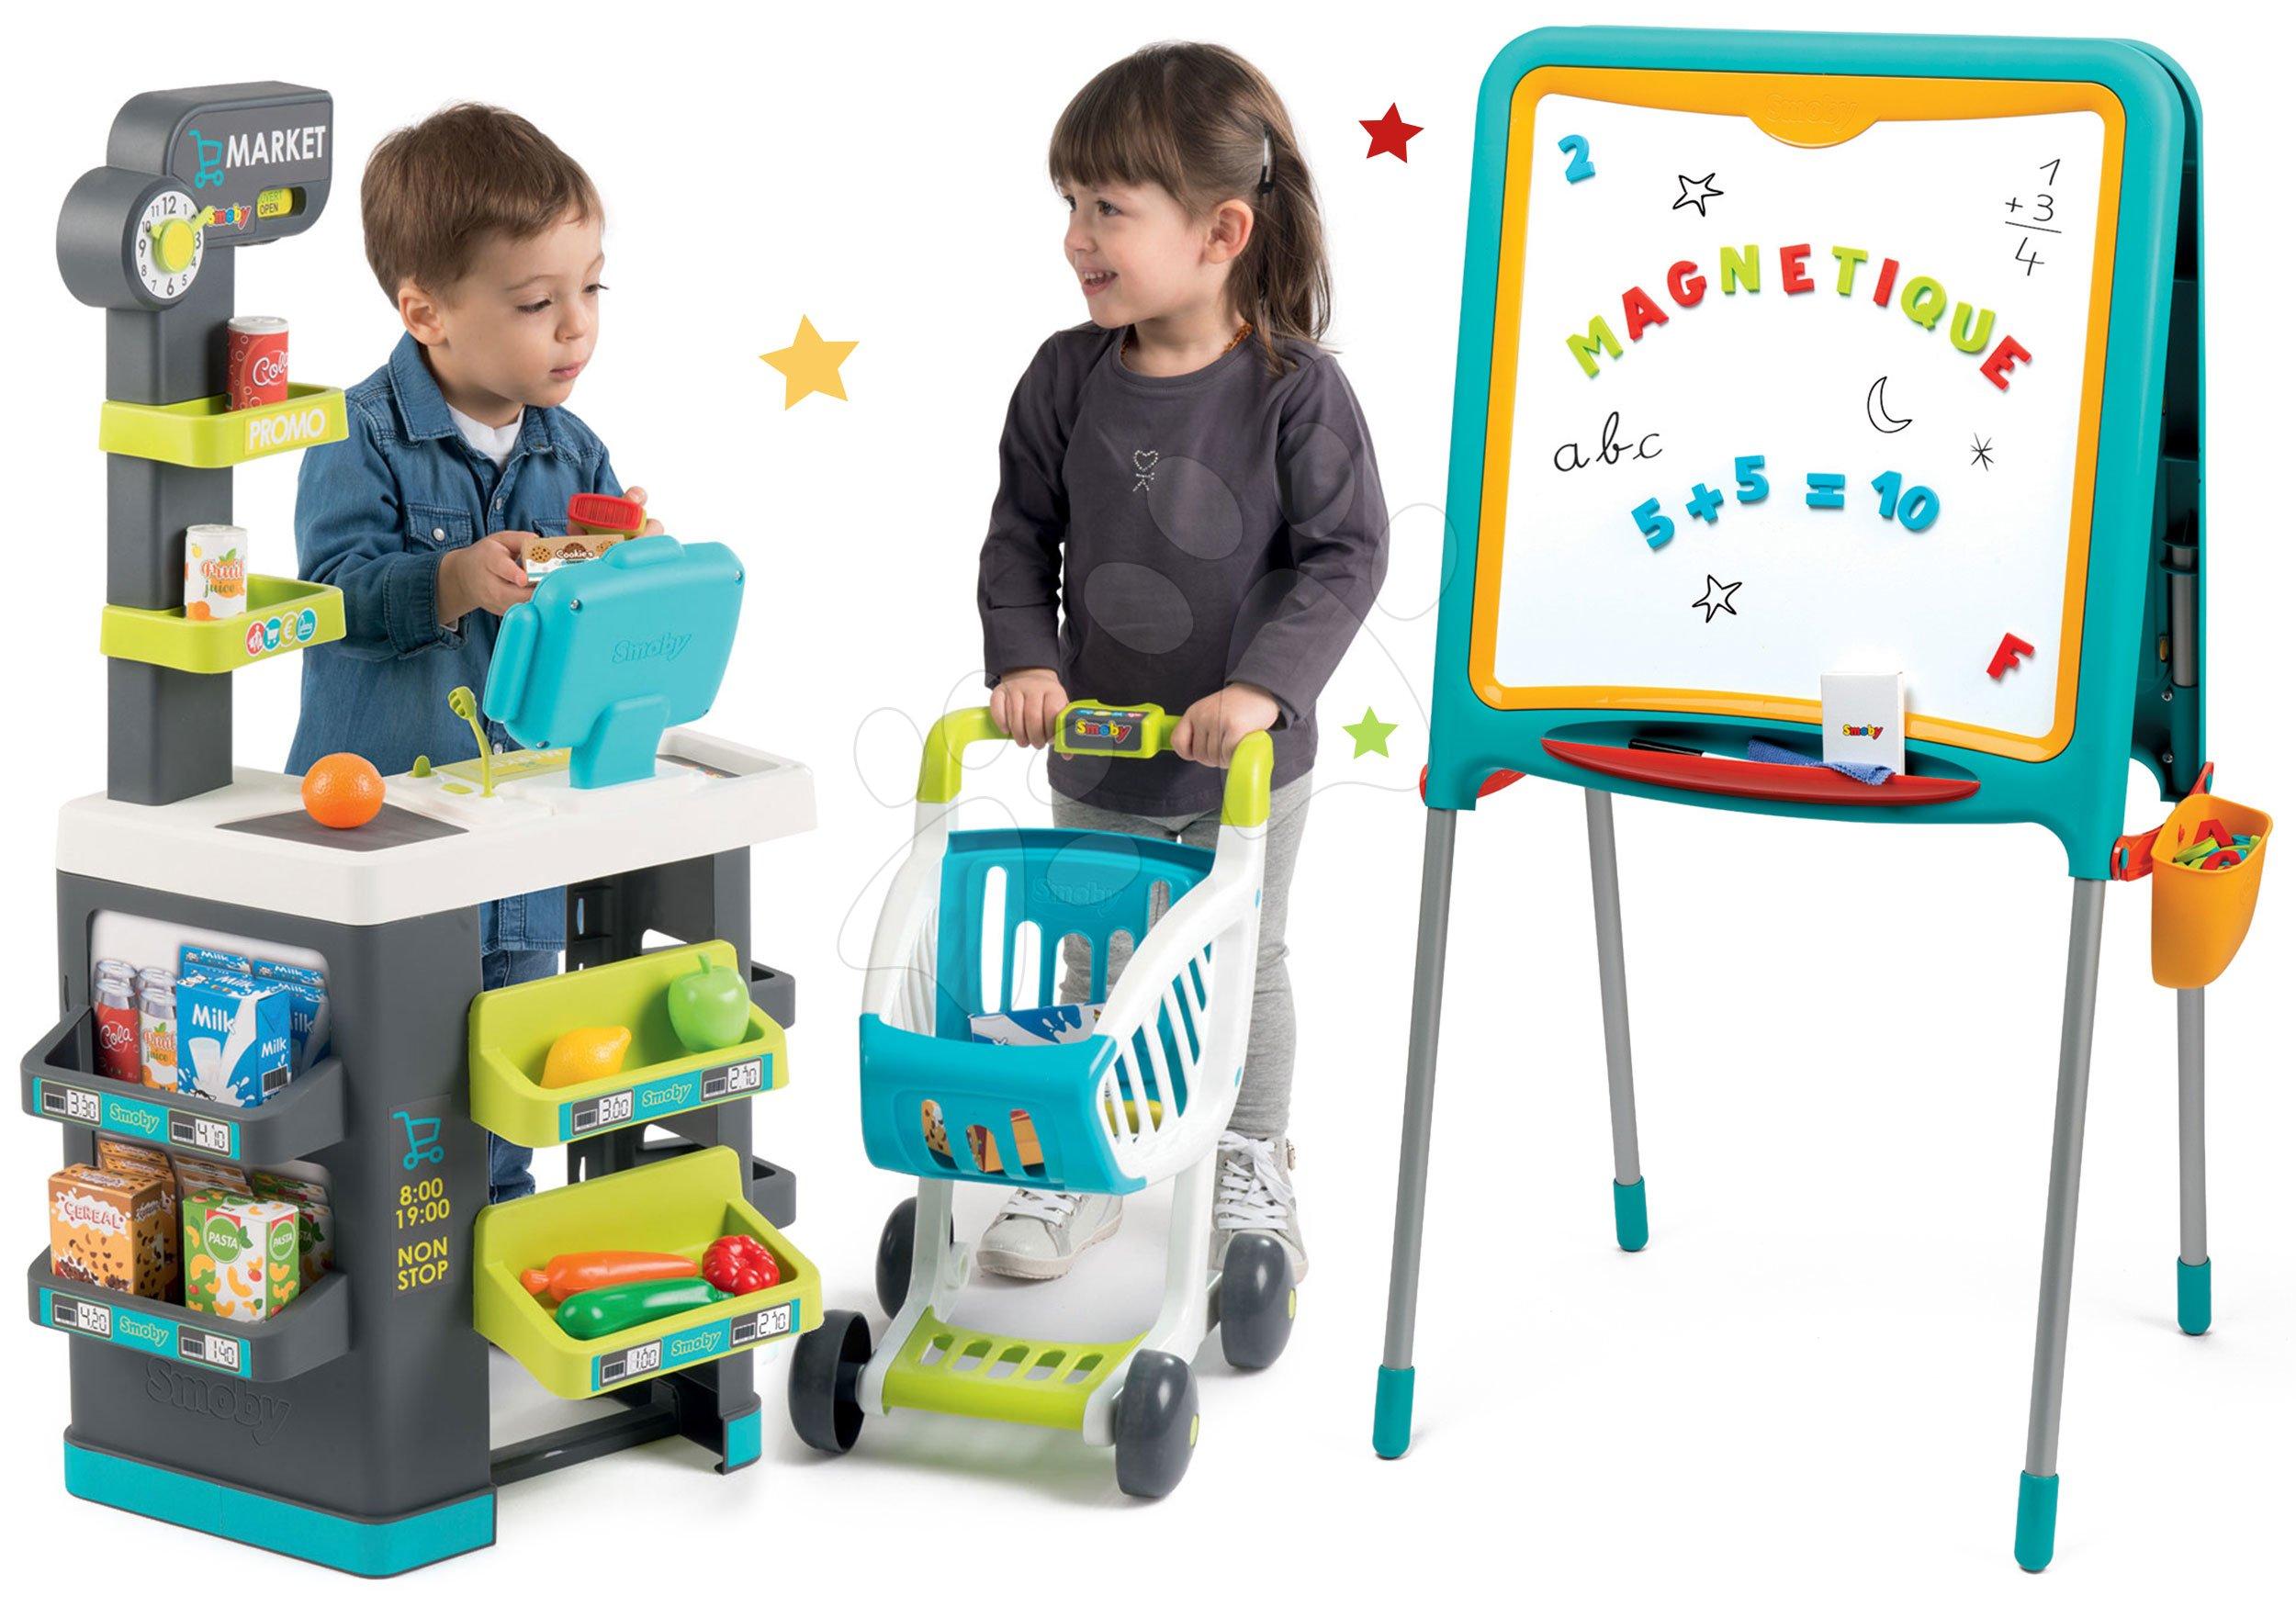 Set tabuľa na kreslenie a magnetky Metal Board Smoby obojstranná a obchod s potravinami Market s elektronickou pokladňou